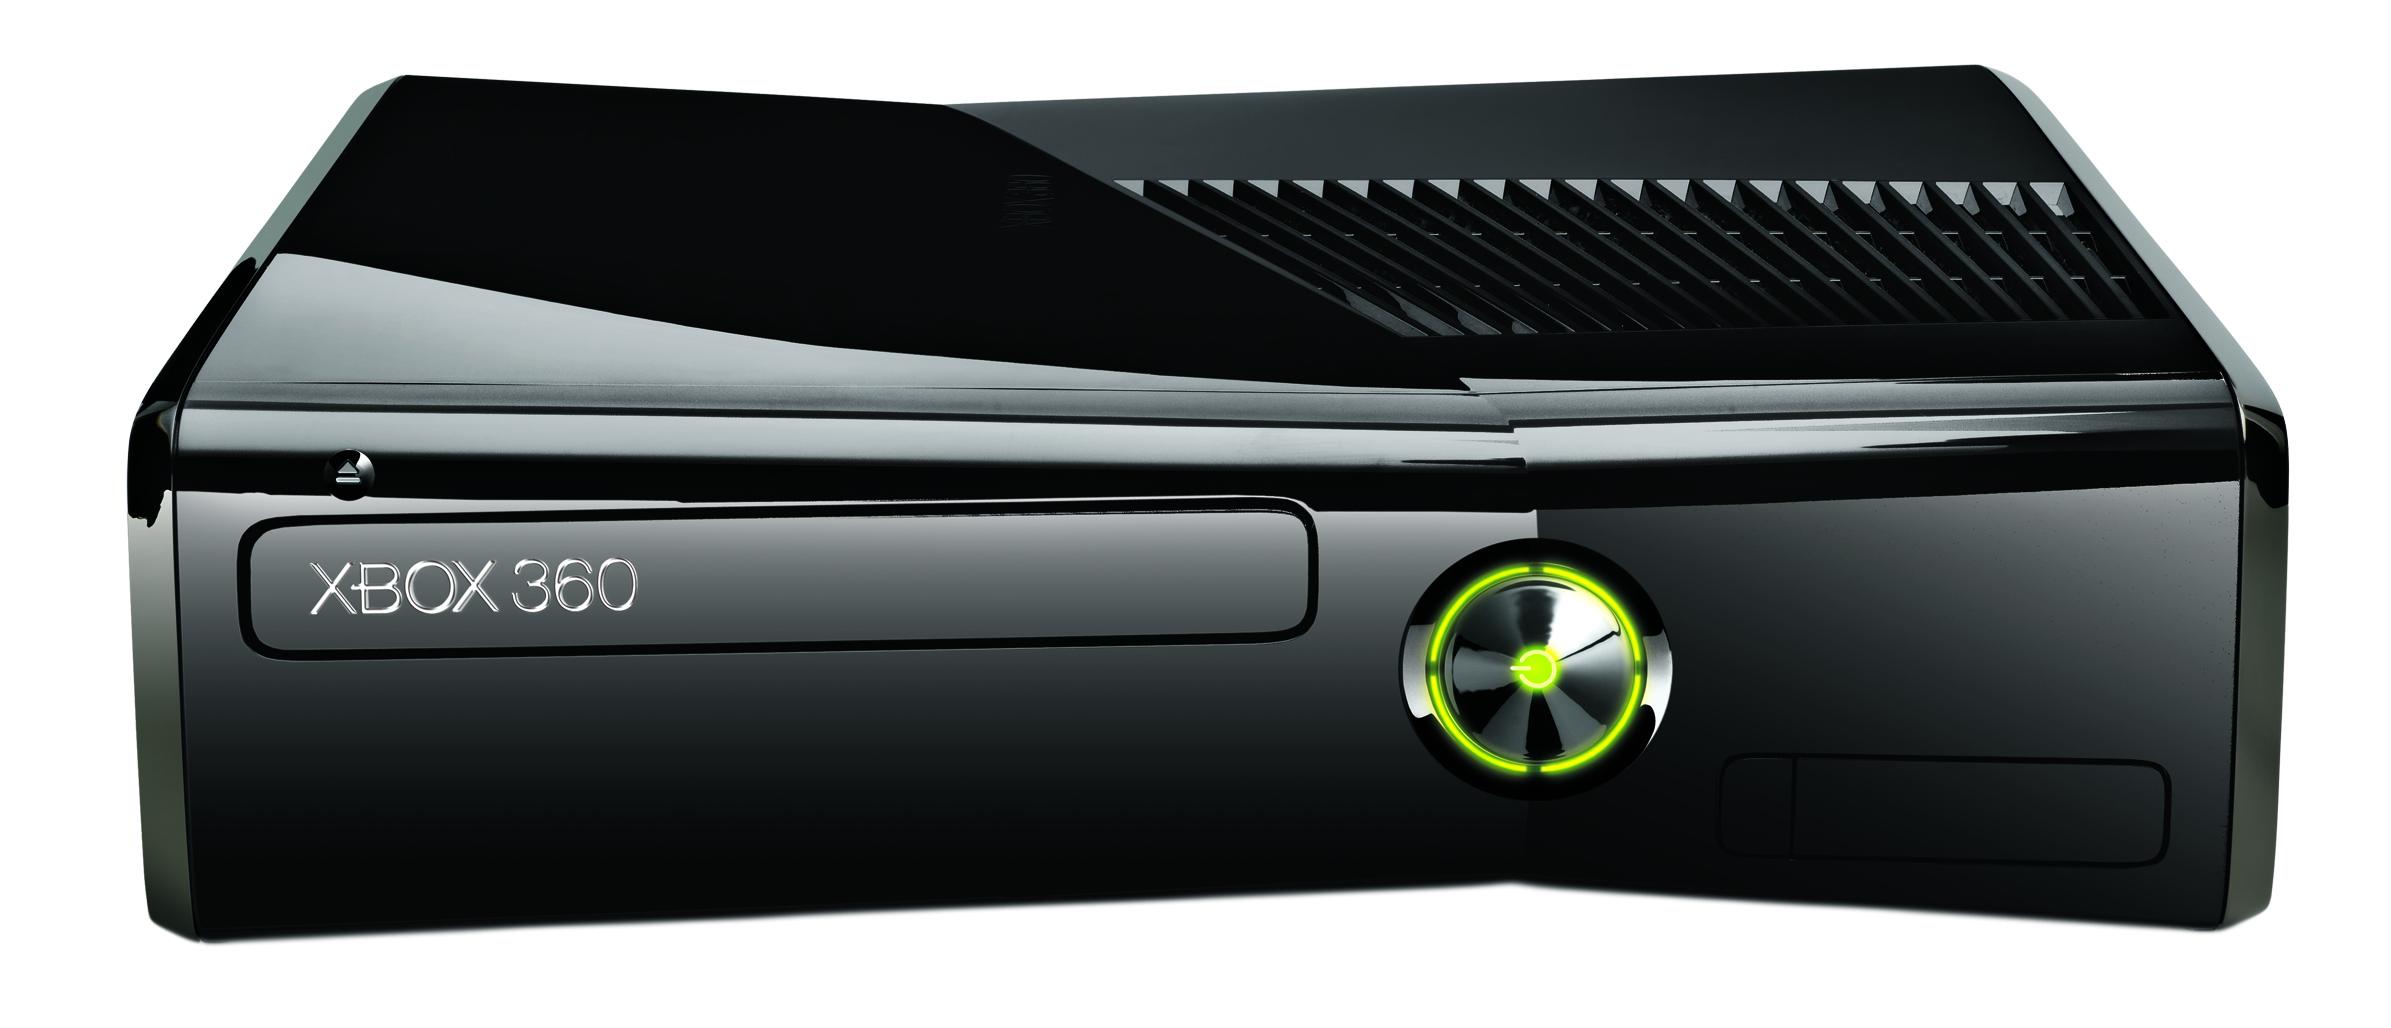 Xbox 360 świętuje okrągłą rocznicę. Tak zmieniała się konsola, która dała nam 10 lat fascynującej rozgrywki